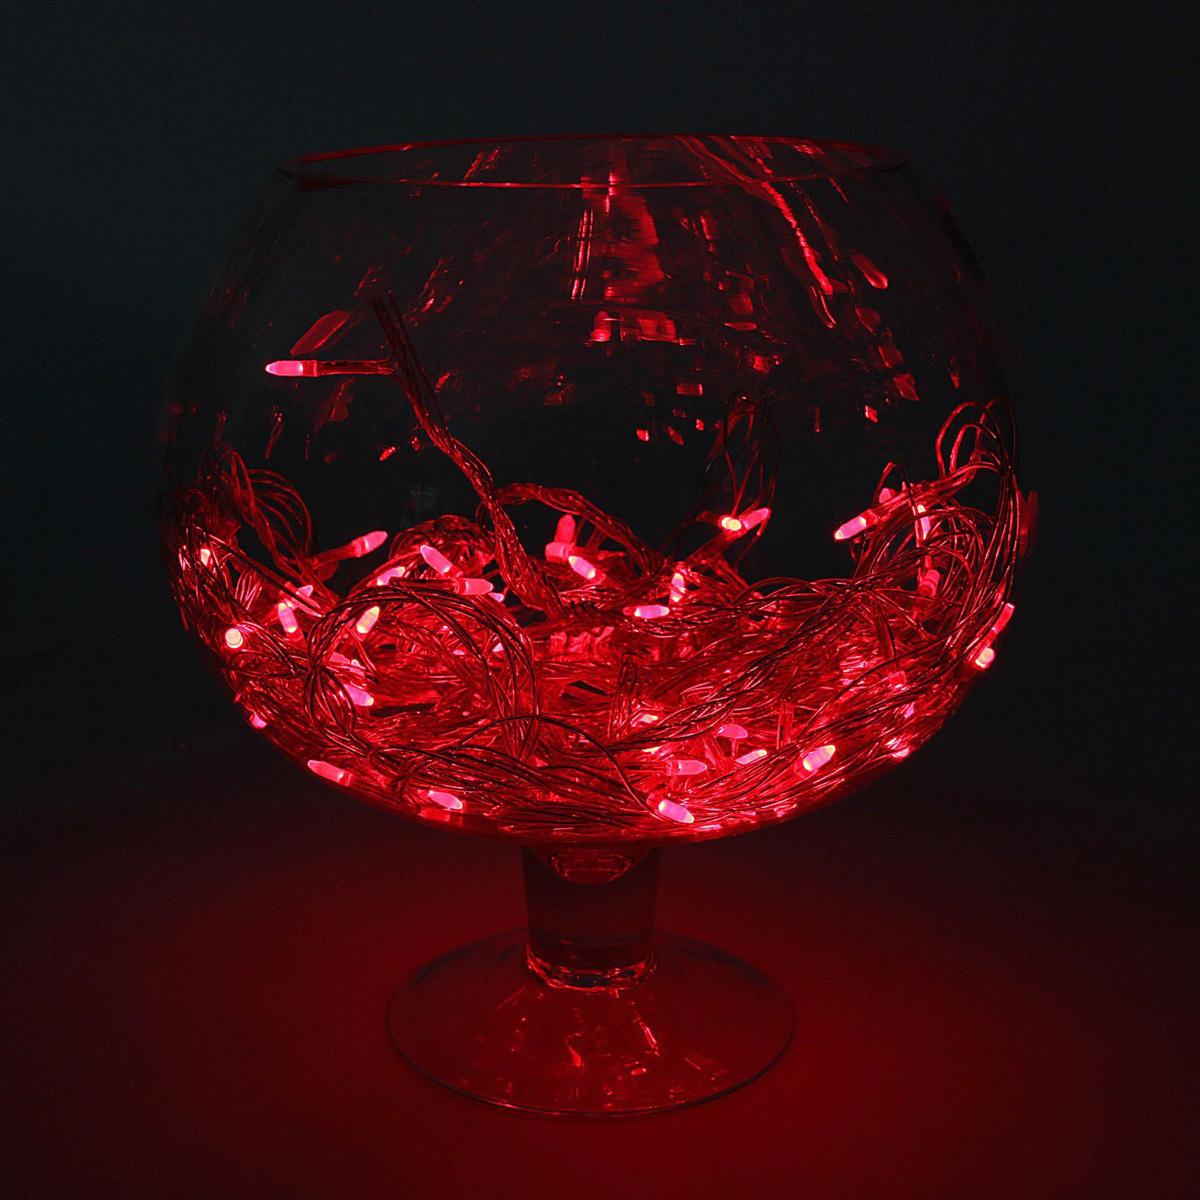 Гирлянда светодиодная Luazon Метраж. Игла, цвет: красный, 100 ламп, 8 режимов, 220 V, длина 10 м. 10805231080523Светодиодные гирлянды и ленты — это отличный вариант для новогоднего оформления интерьера или фасада. С их помощью помещение любого размера можно превратить в праздничный зал, а внешние элементы зданий, украшенные ими, мгновенно станут напоминать очертания сказочного дворца. Такие украшения создают ауру предвкушения чуда. Деревья, фасады, витрины, окна и арки будто специально созданы, чтобы вы украсили их светящимися нитями.